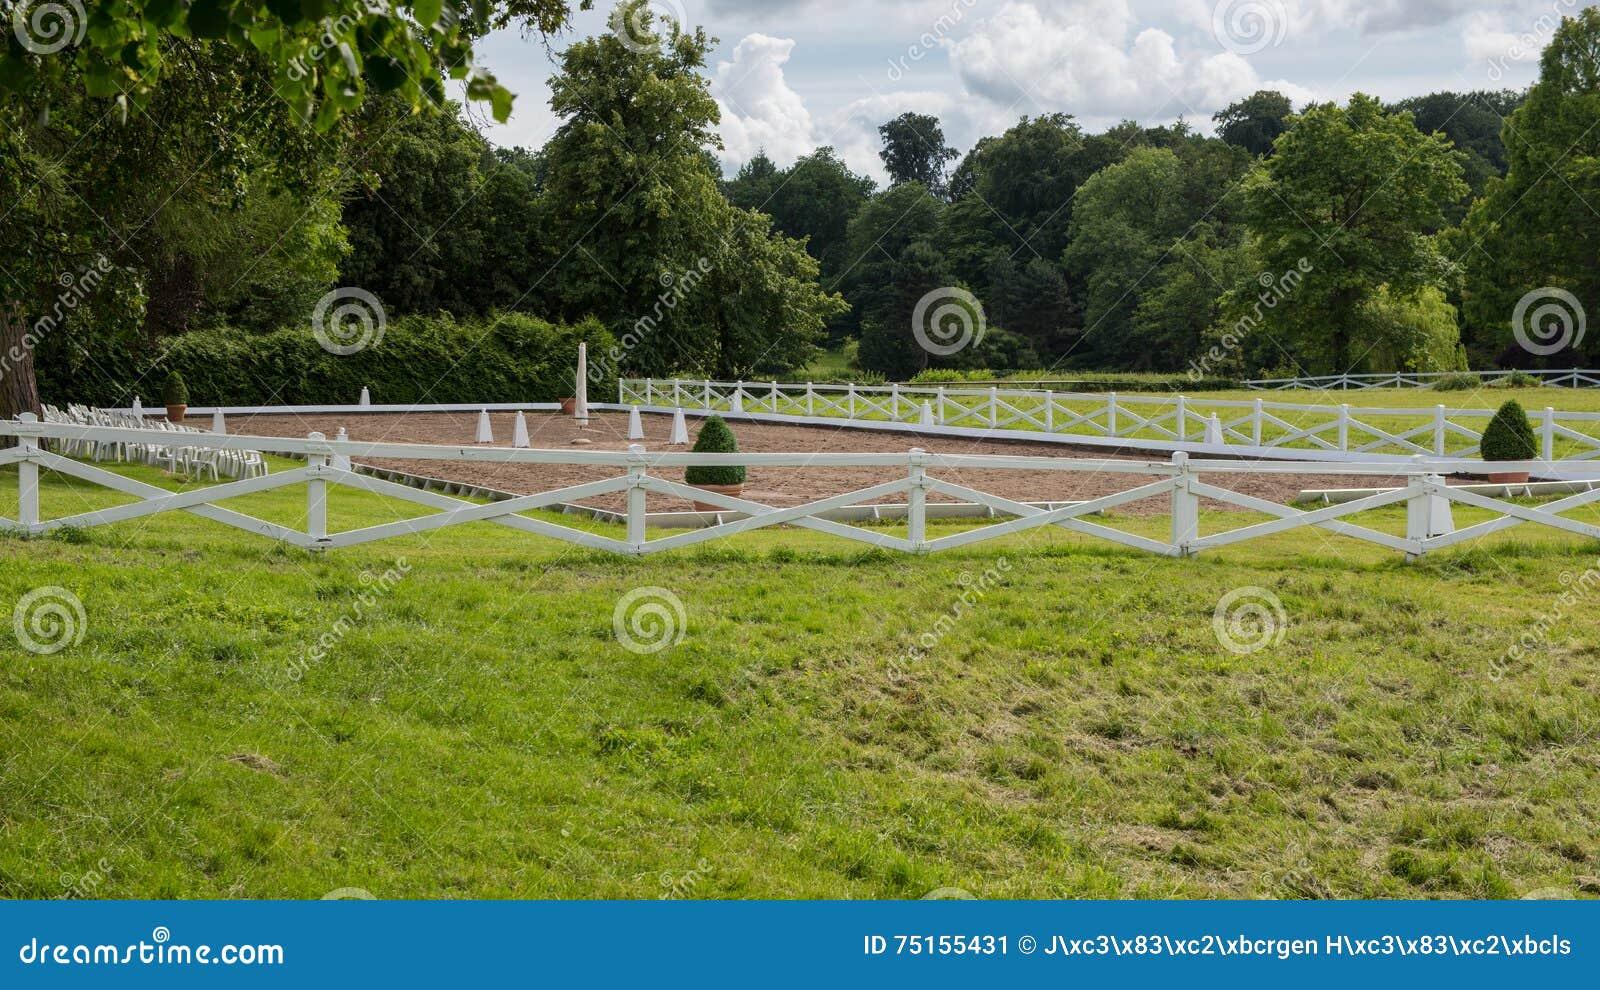 Schone Aussicht Auf Einem Leeren Reitplatz Mit Weissem Zaun Stockbild